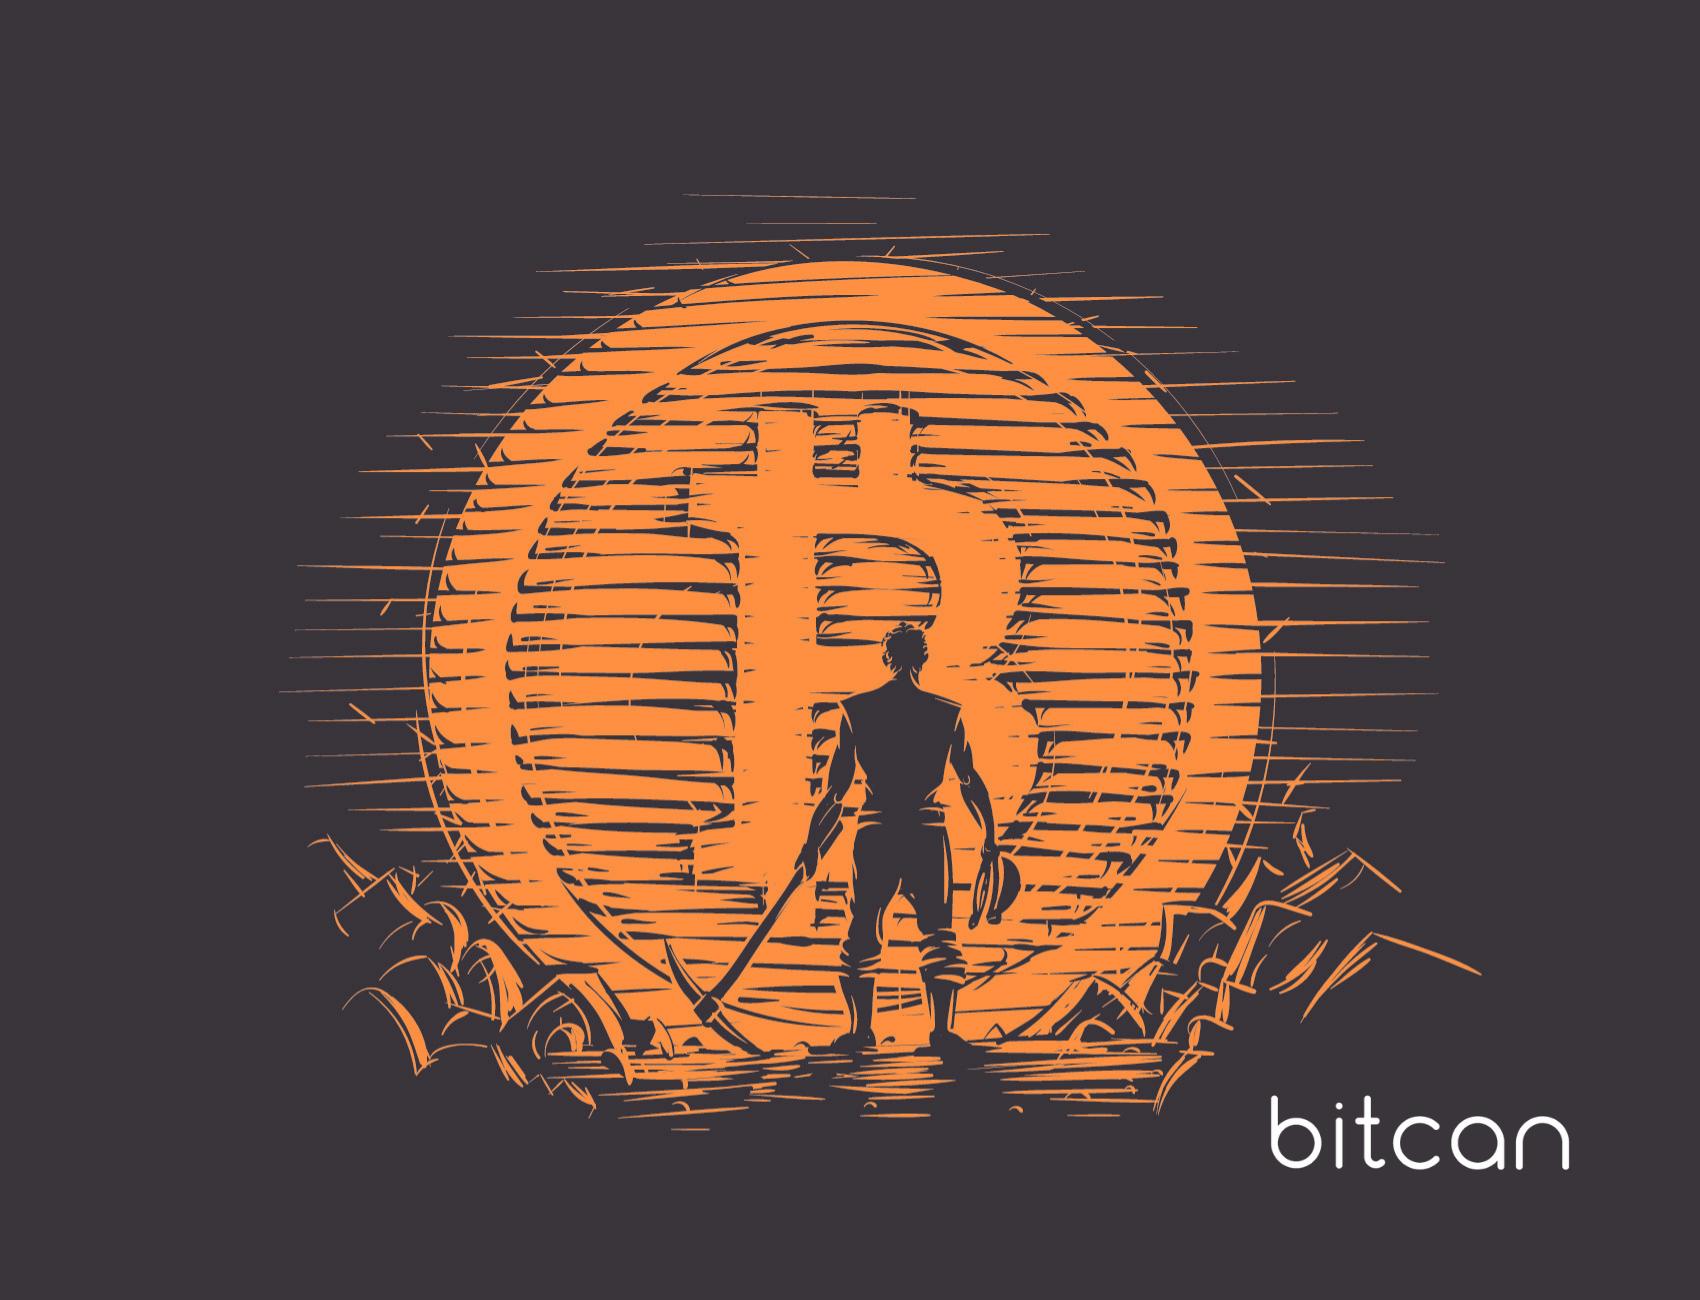 Kopiący bitcoina zarabiają coraz więcej! Wielka migracja górników BTC z Chin trwa